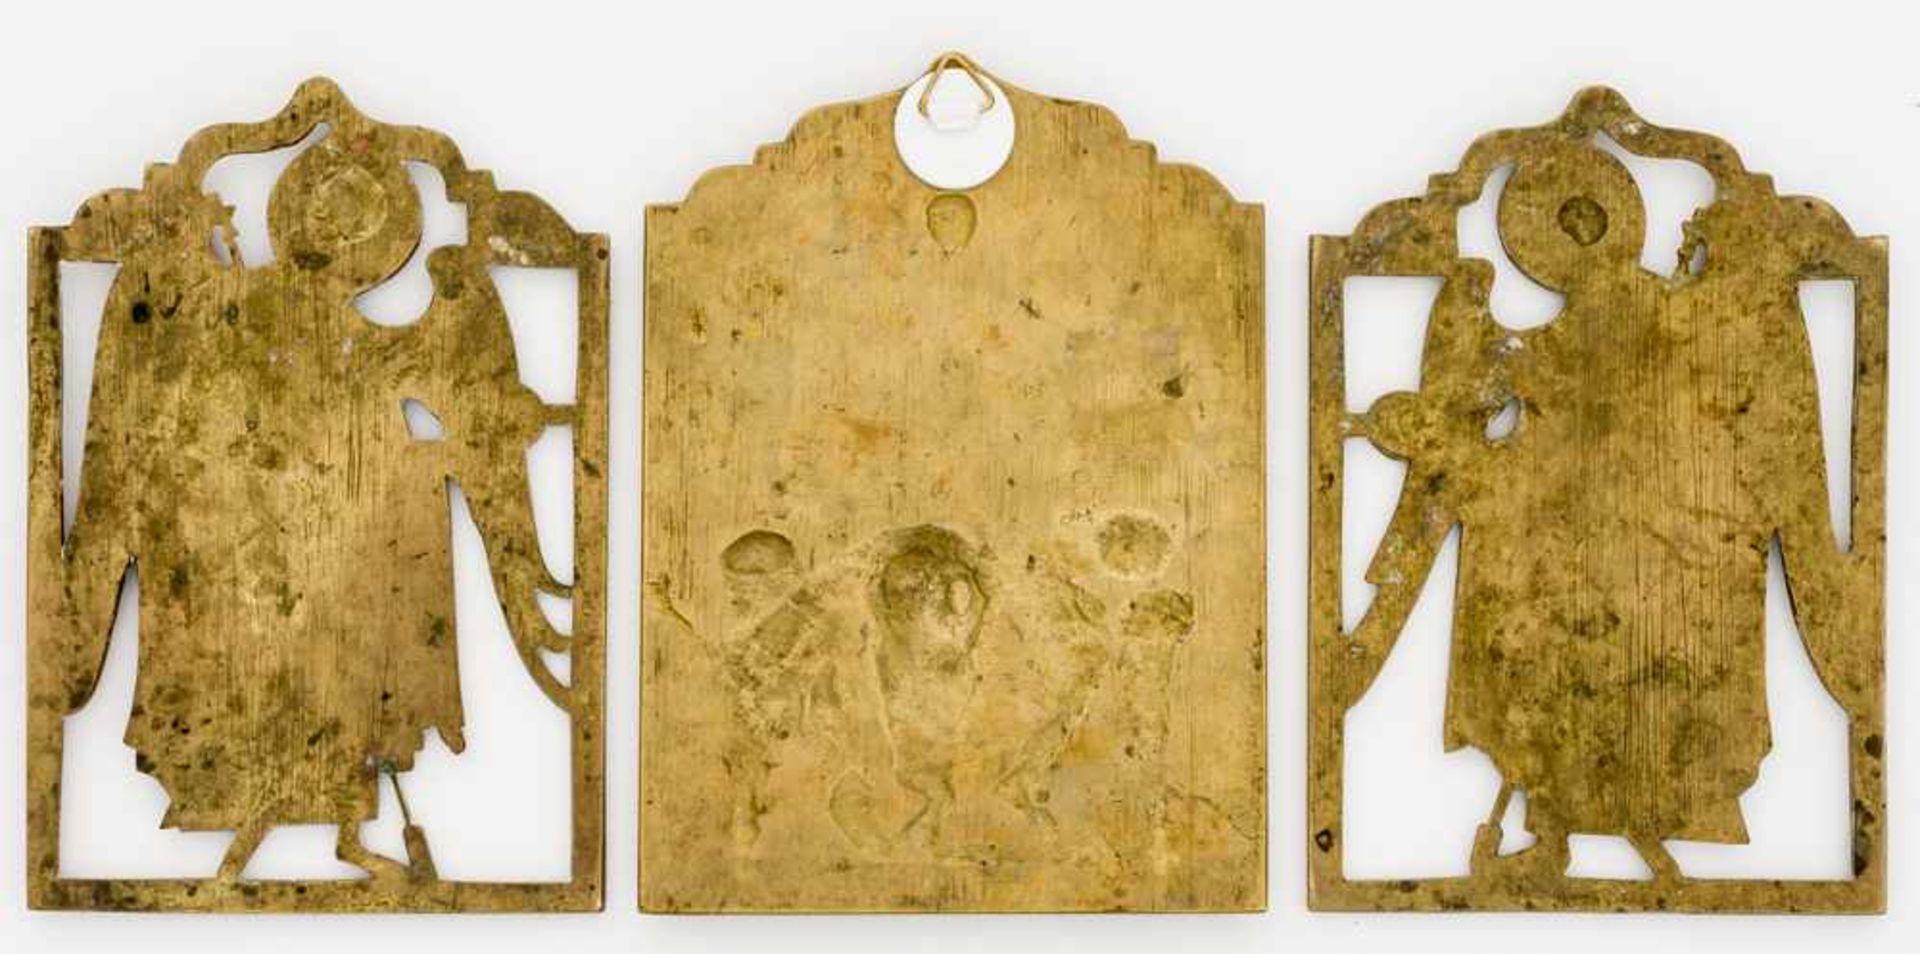 *Christus Pantokrator mit den Erzengeln Michael und Gabriel Russische Bronze-Ikonen, 19. Jh. 22,5 - Bild 2 aus 2